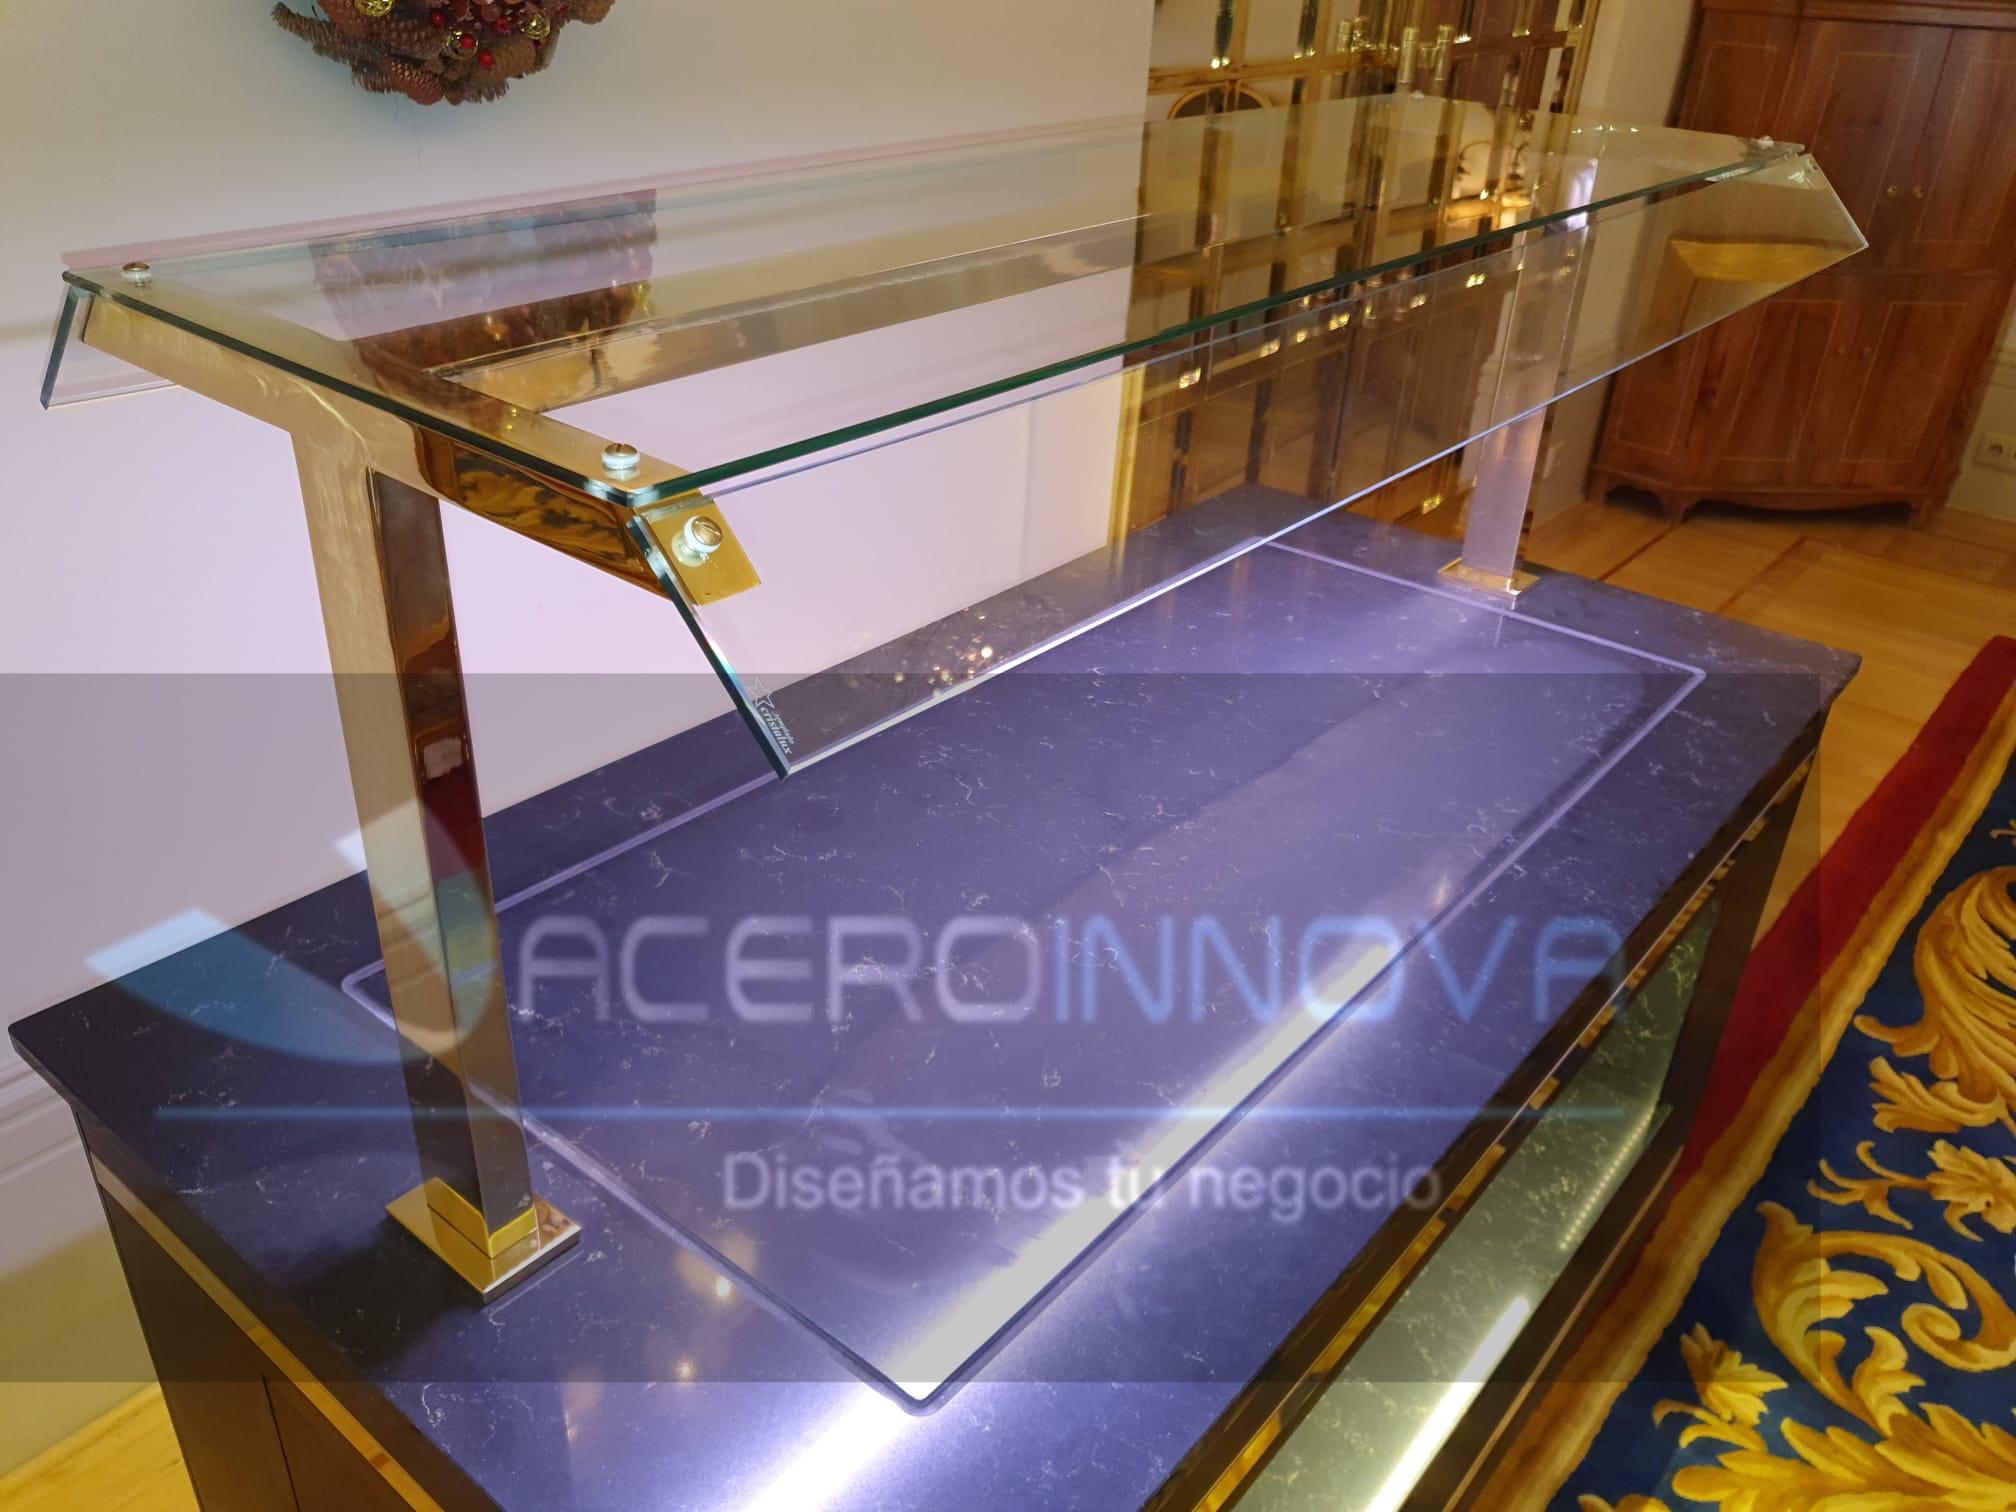 DISEÑO, FABRICACIÓN DEL UN MOBILIARIO EXCLUSIVO DE LUJO A MEDIDA PARA BUFET BUFFET BUFÉ DEL HOTEL WELLINGTON DE MADRID UN HOTEL DE 5 ESTRELLAS Y REFERENTE DEL LUJO EN MADRID. ACEROINNOVA LLEVA A CABO MOBILIARIO Y MAQUINARIA PARA HOSTELERIA DE PRESTIGIO PREMIUM EN ESPAÑA Y PORTUGAL. Aceroinnova ha sido la empresa elegida para realizar el diseño, la fabricación y la instalación del bufet buffet bufé del Hotel Wellington de Madrid un hotel de 5 estrellas y referente del lujo en Madrid. Aceroinnova lleva a cabo mobiliario y maquinaria para hosteleria de prestigio premium en España y Portugal. Aceroinnova está en la vanguardia del diseño para mobiliario en acero inoxidable y en todo tipo de material para creación de cocinas de hoteles, bufet bufé buffet de hoteles de desayuno, comida y cena, zonas de cocteleria cocktatil de los mas prestigiosos establecimientos hosteleros de Madrid, toda España y Portugal. Consulte su idea sin compromiso pues disponemos de un prestigioso y experimentado servicio integral para hoteles y hosteleria en general. Mobiliario y Maquinaria Bufet Bufé Buffets Hoteles Hosteleria, Diseño fabricación instalacion bufets bufés Buffet negocios hosteleros en Madrid, Buffets Bufés Bufets para Hoteles Premium Lujo calidad, mobiliario bufé bufet buffet para hoteles restaurantes.